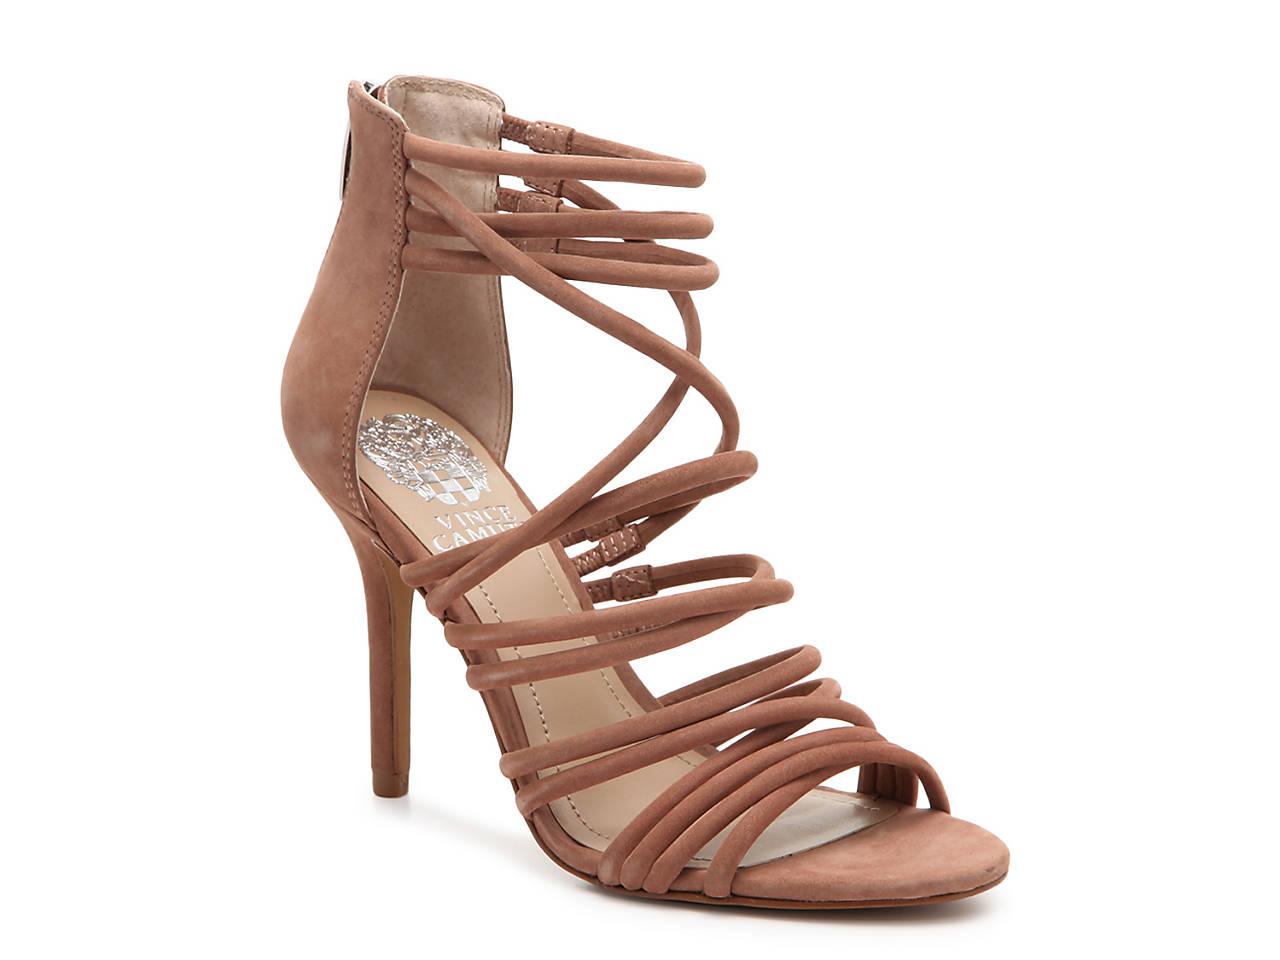 35540582f8c Vince Camuto Sanjah Sandal Women s Shoes